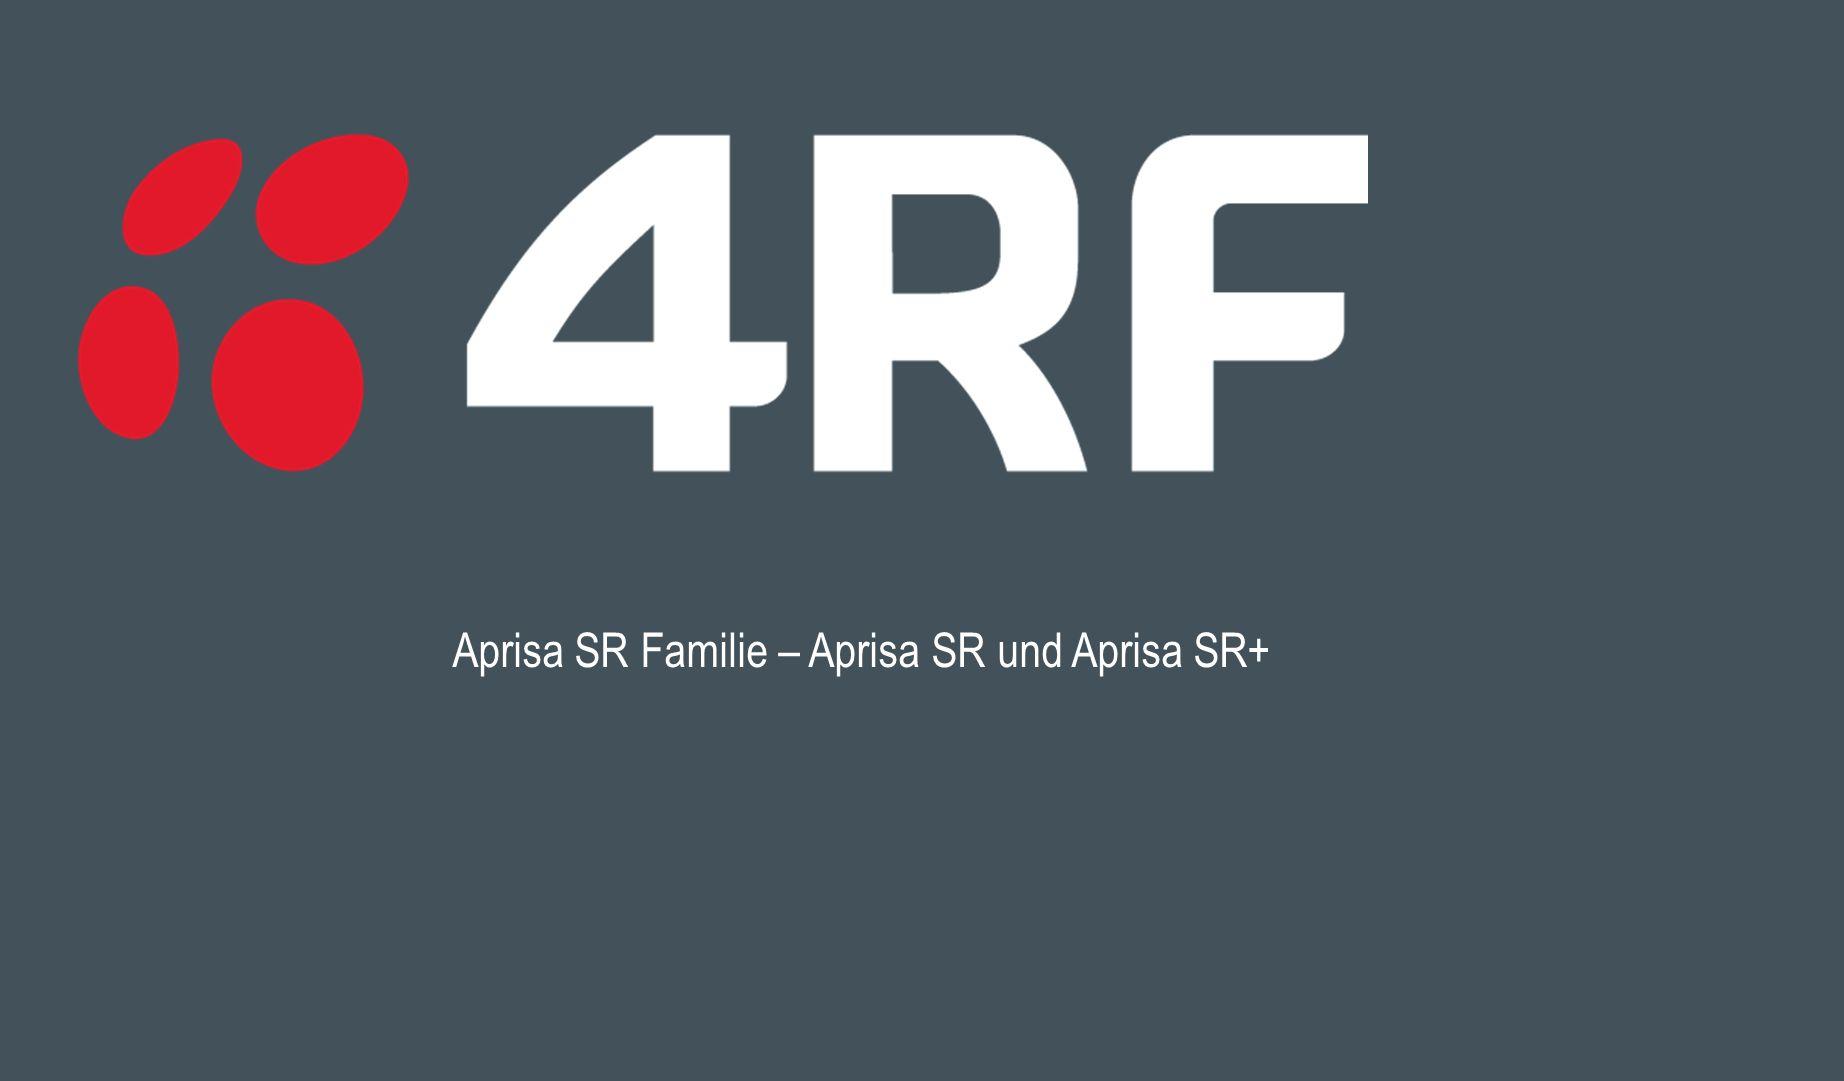 Aprisa SR Familie – Aprisa SR und Aprisa SR+